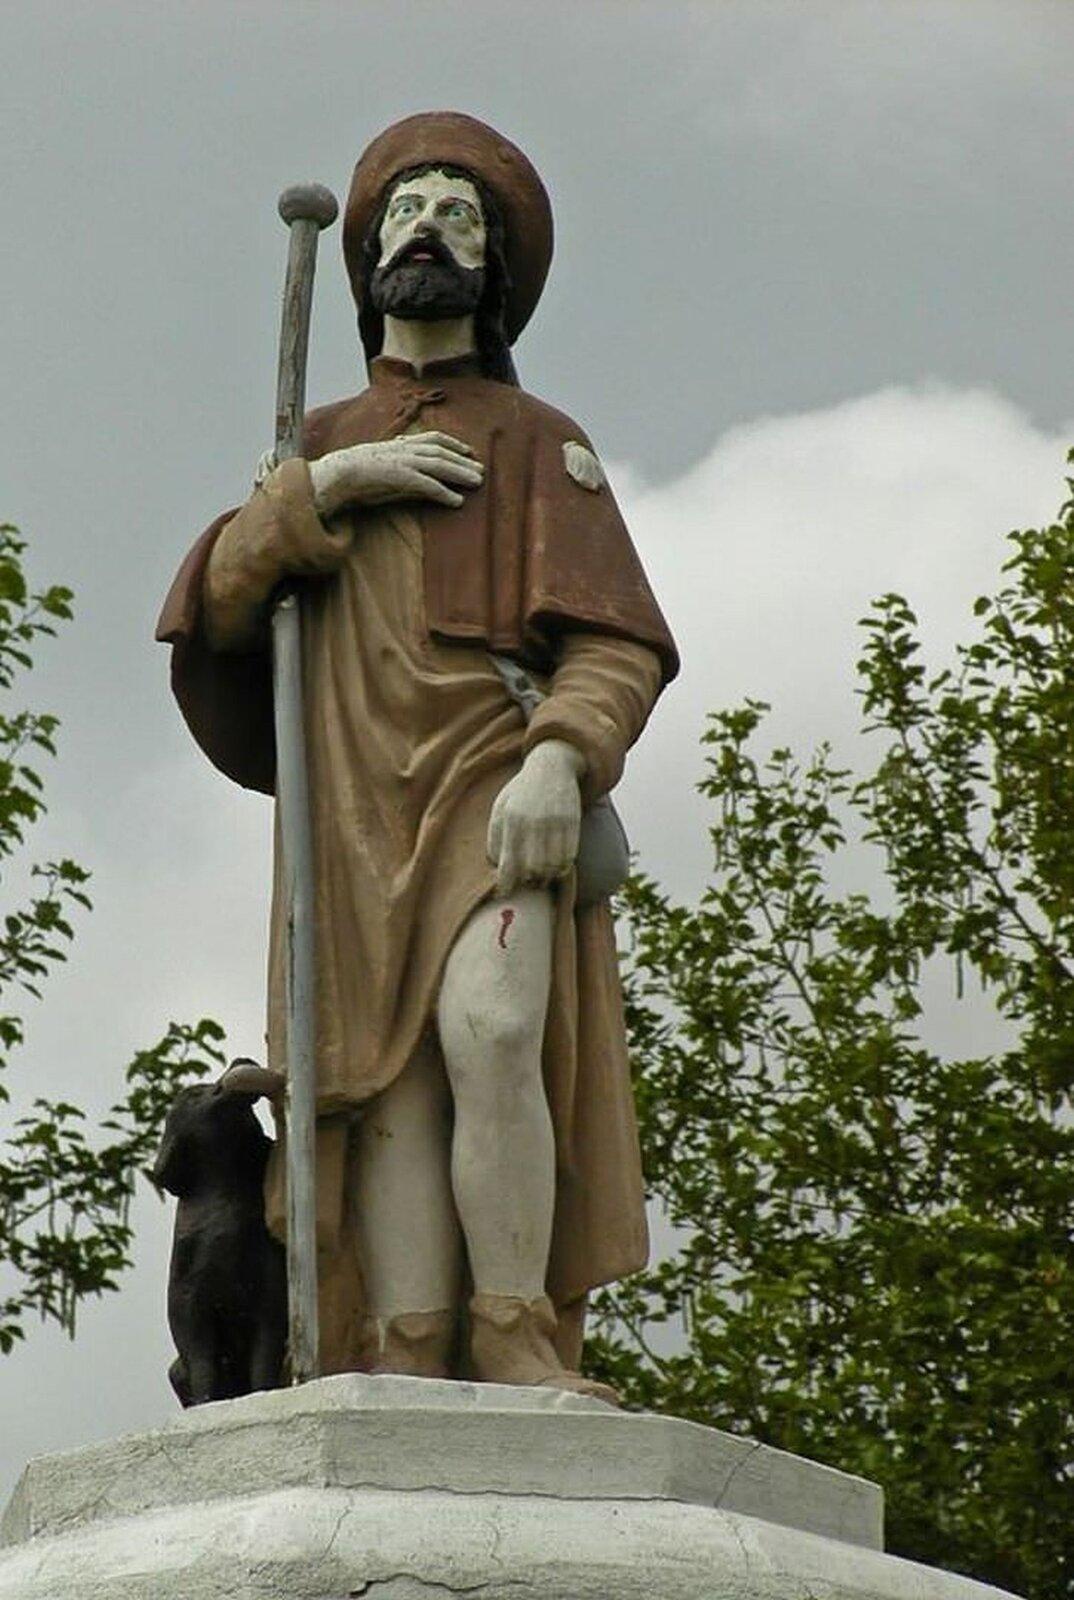 lustracja przedstawia figurę świętego Rocha. Święty wdłoni trzyma laskę, aobok niego siedzi pies. Na głowie ma brązowe nakrycie iszatę wtakim samym kolorze.